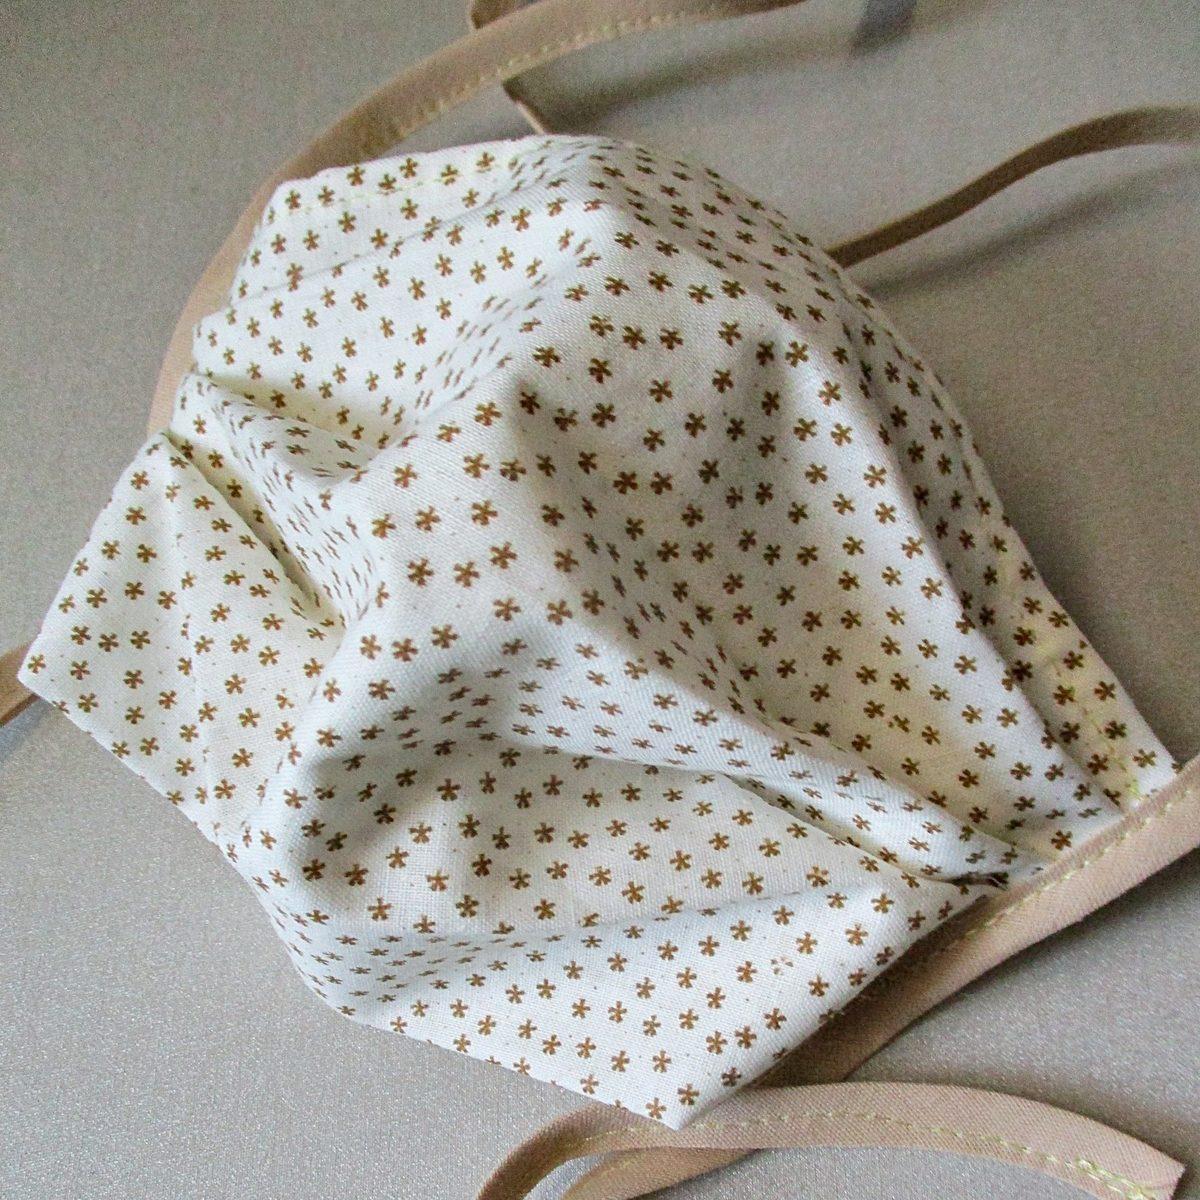 Gesichtsmaske Baumwolle Sterne beige